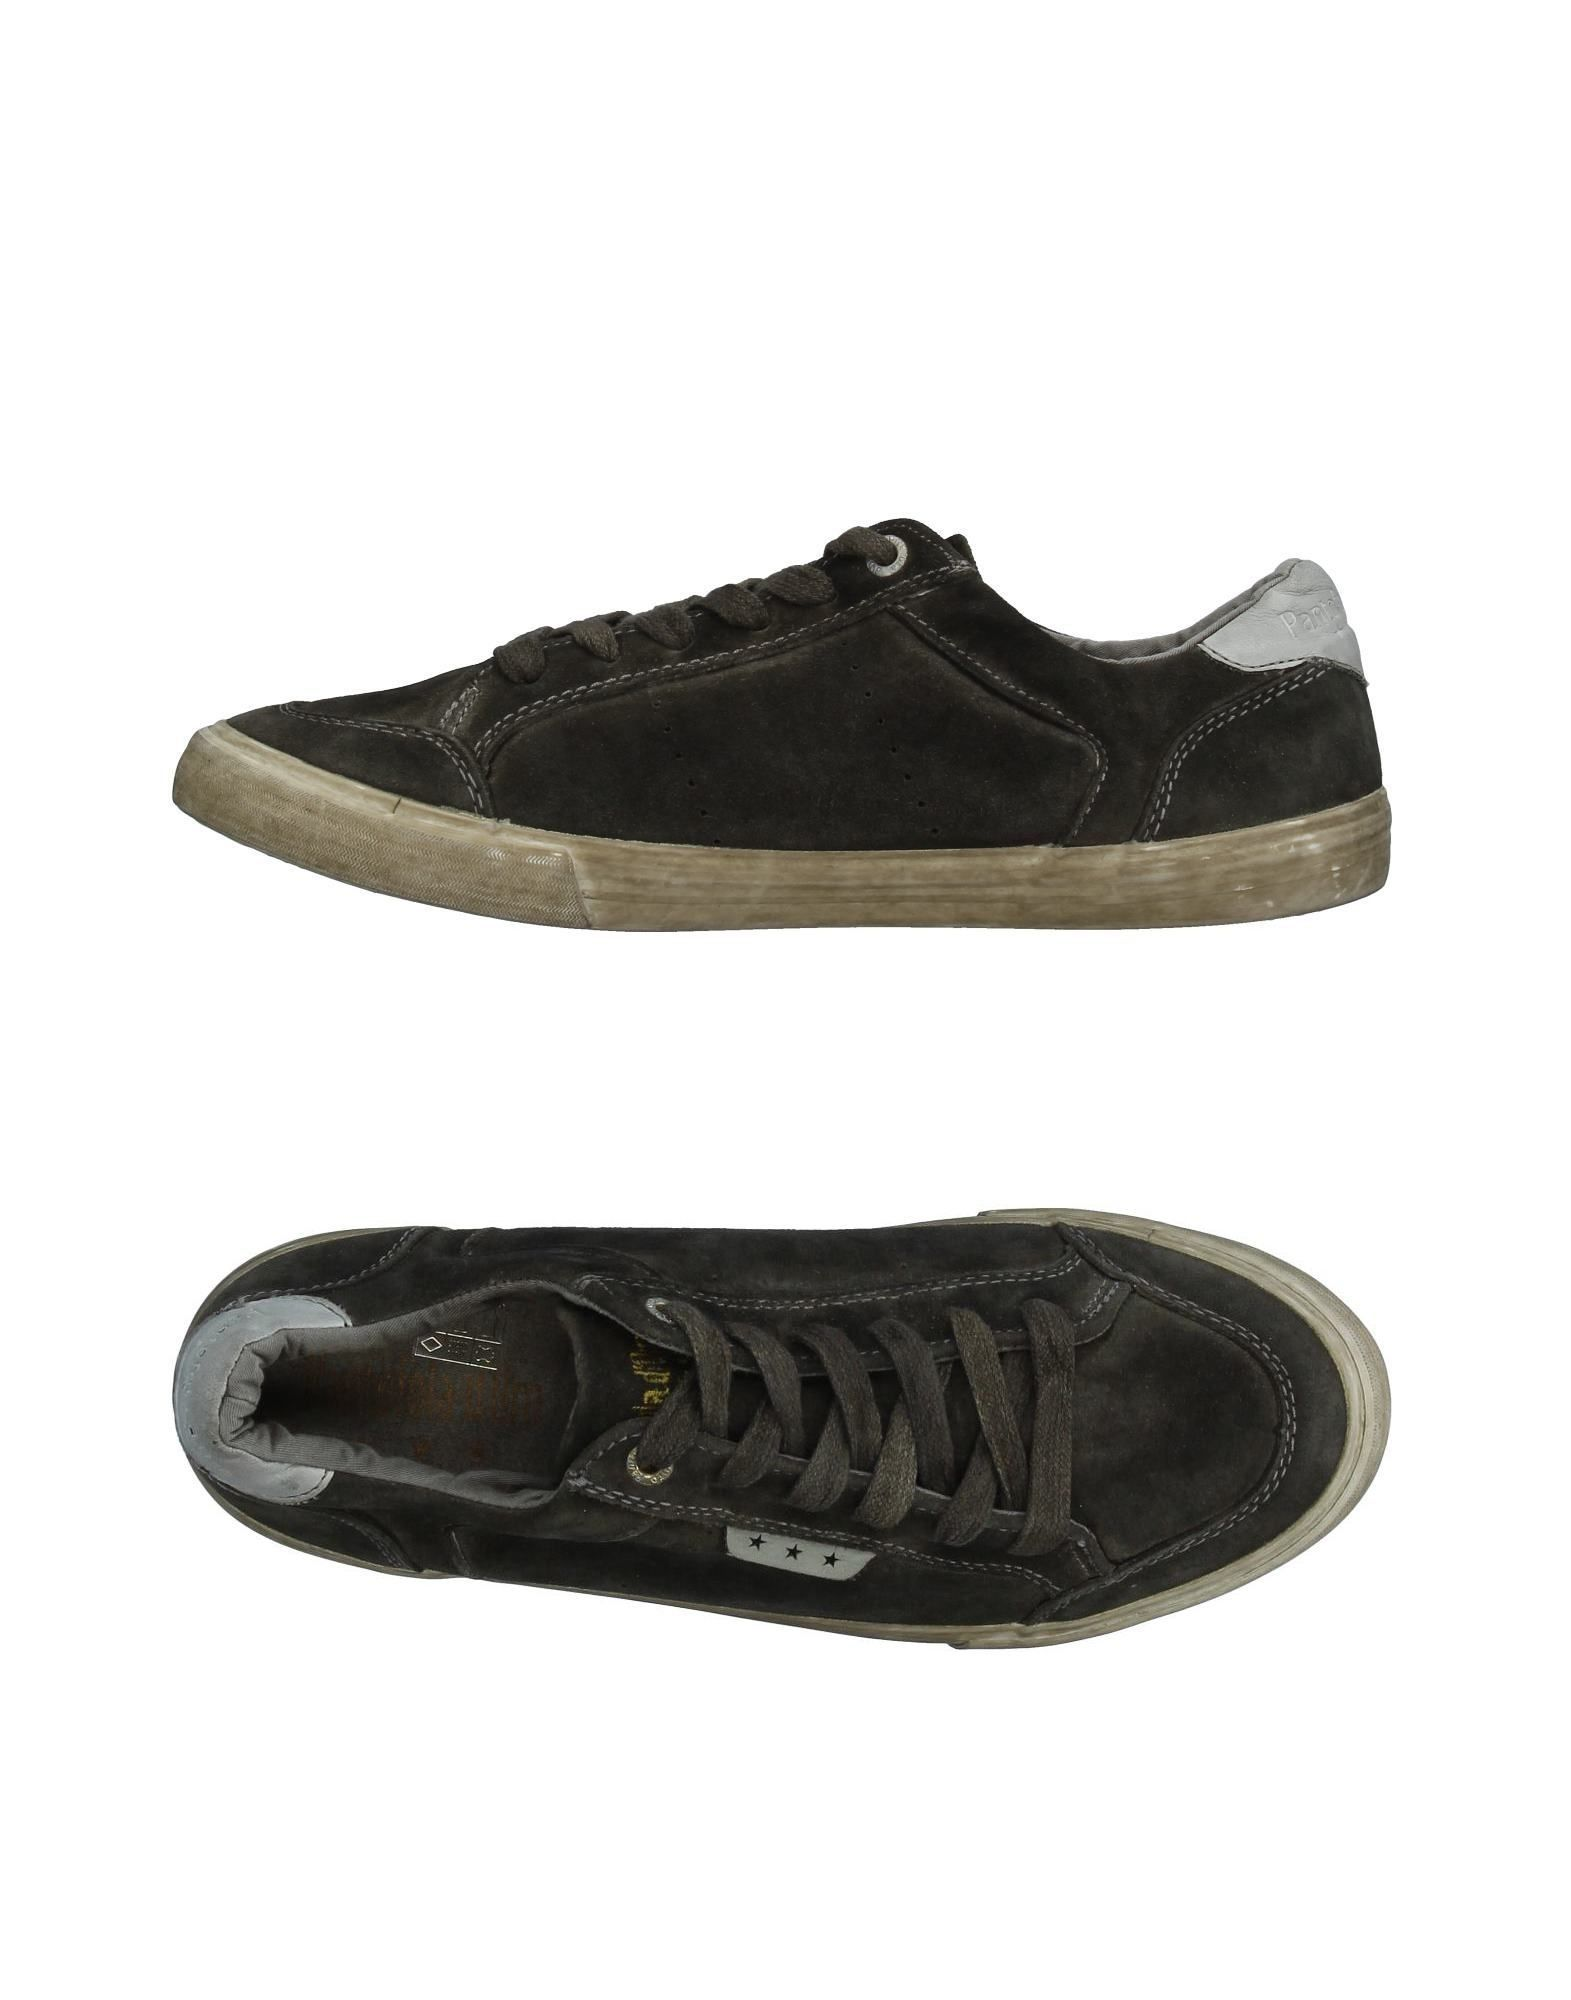 Pantofola Doro Man Dark Green Low-Top Sneakers